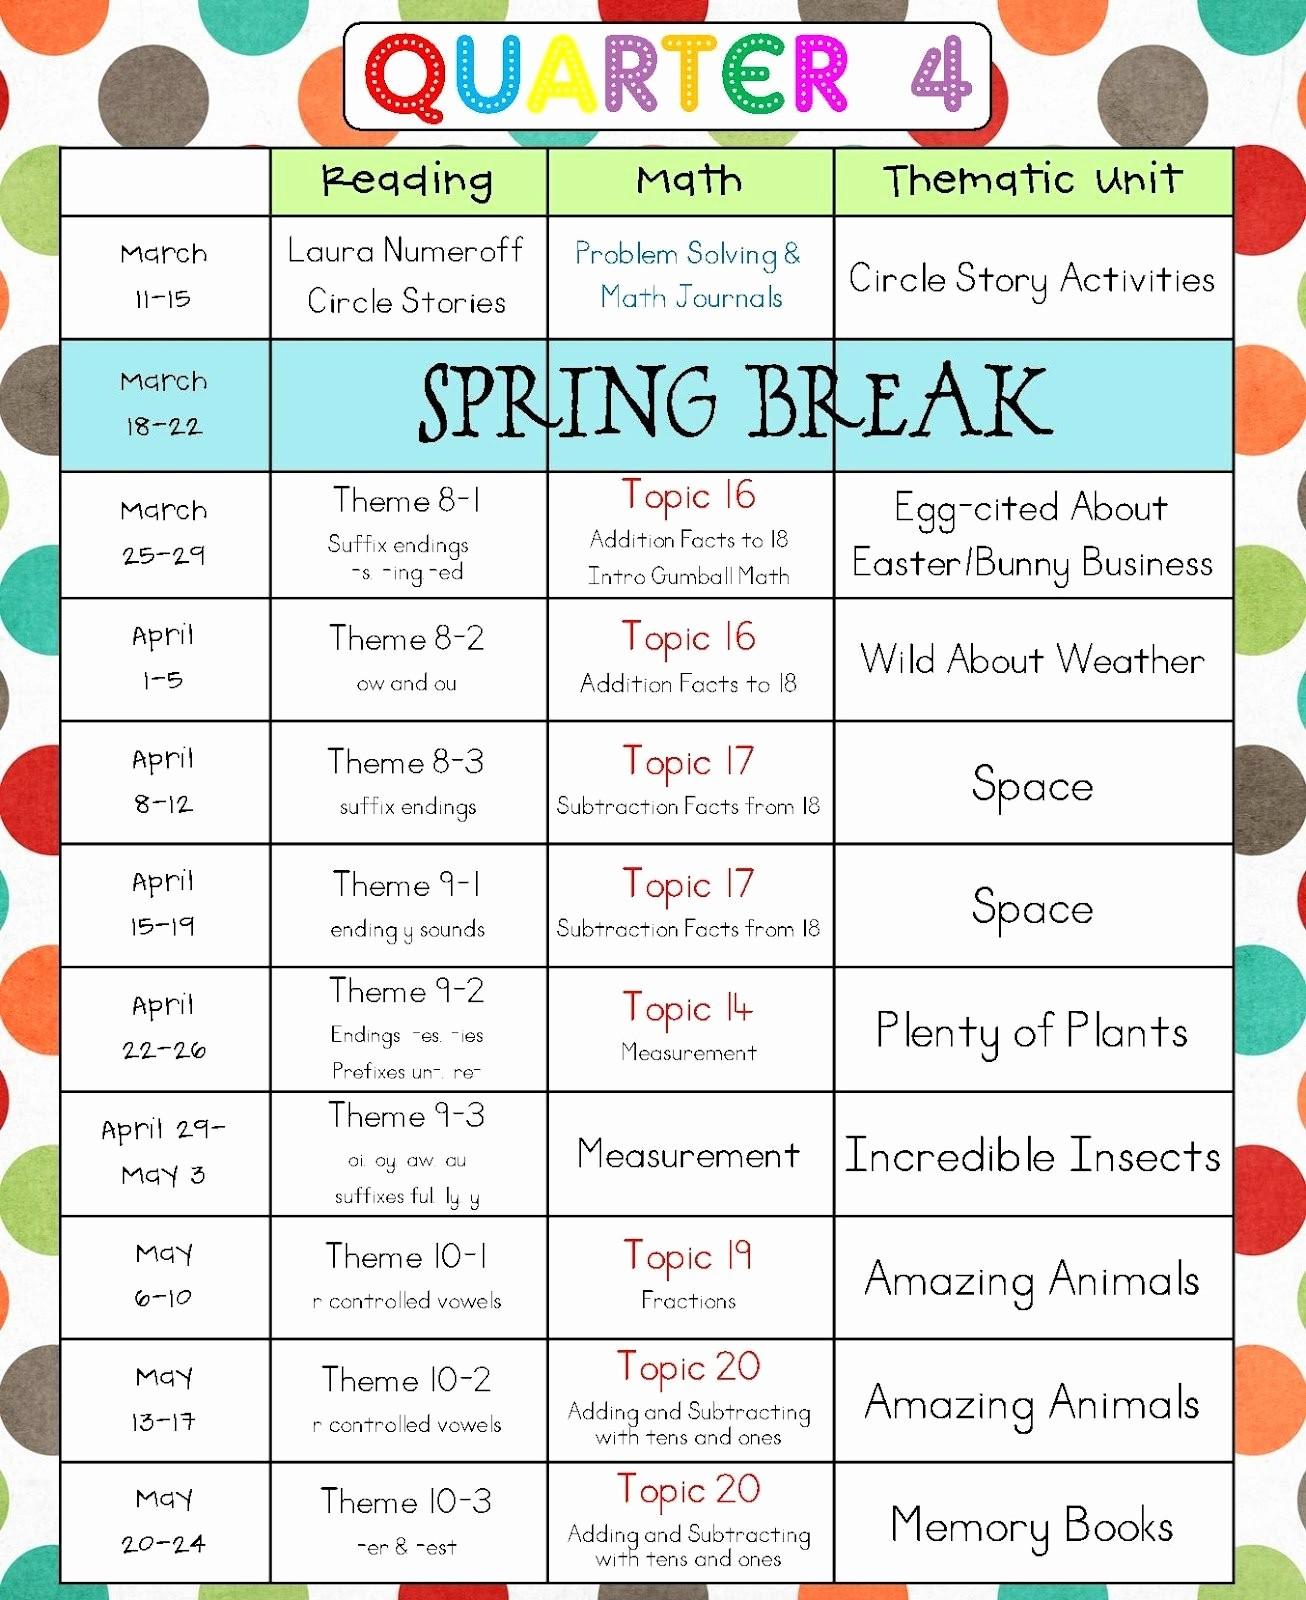 Pacing Calendar Template for Teachers Unique Pacing Calendar Template for Teachers Free Calendar